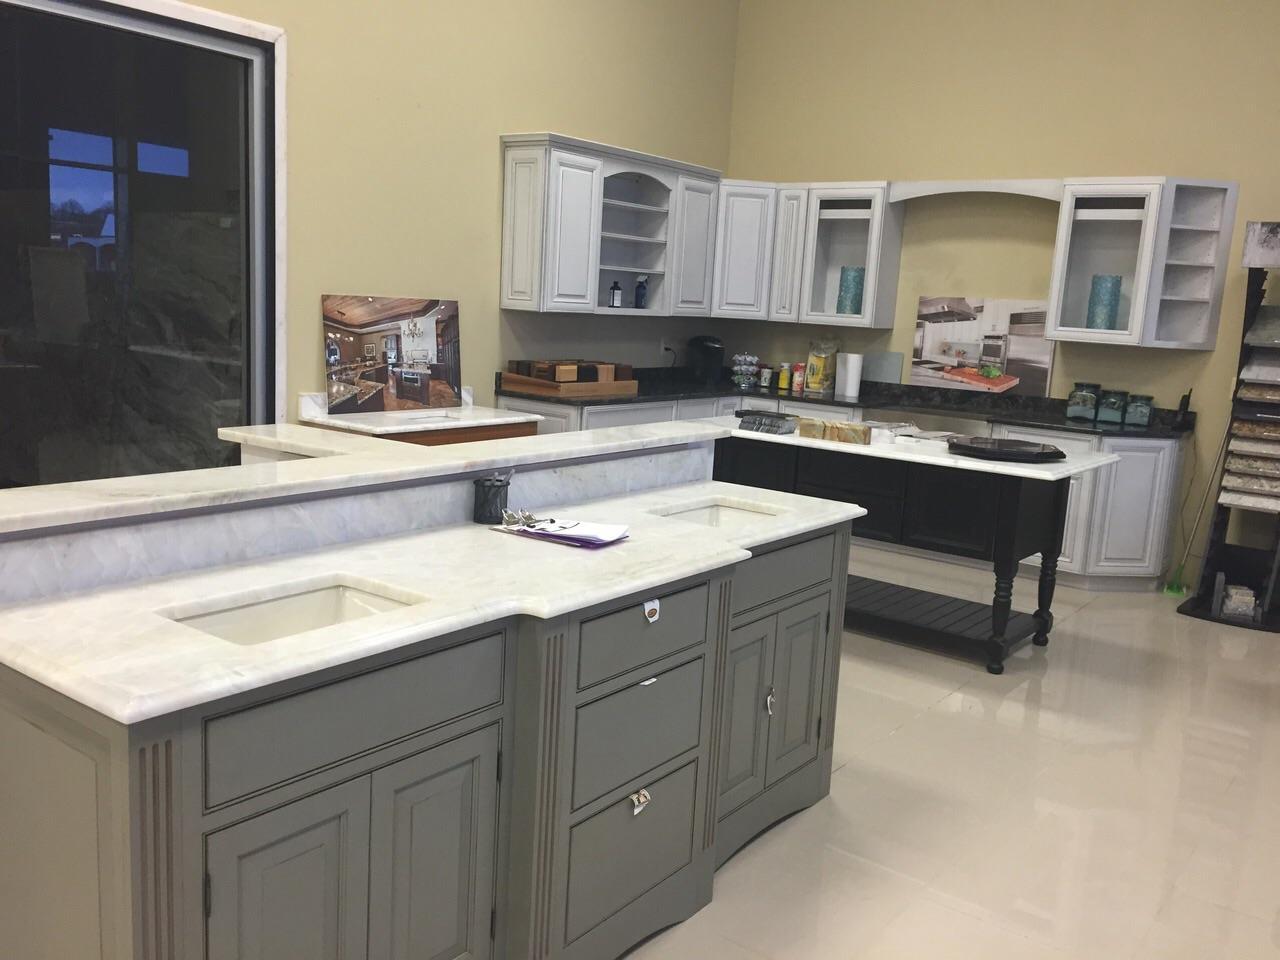 bathroom vanity top - Columbus Granite Kitchen Countertops